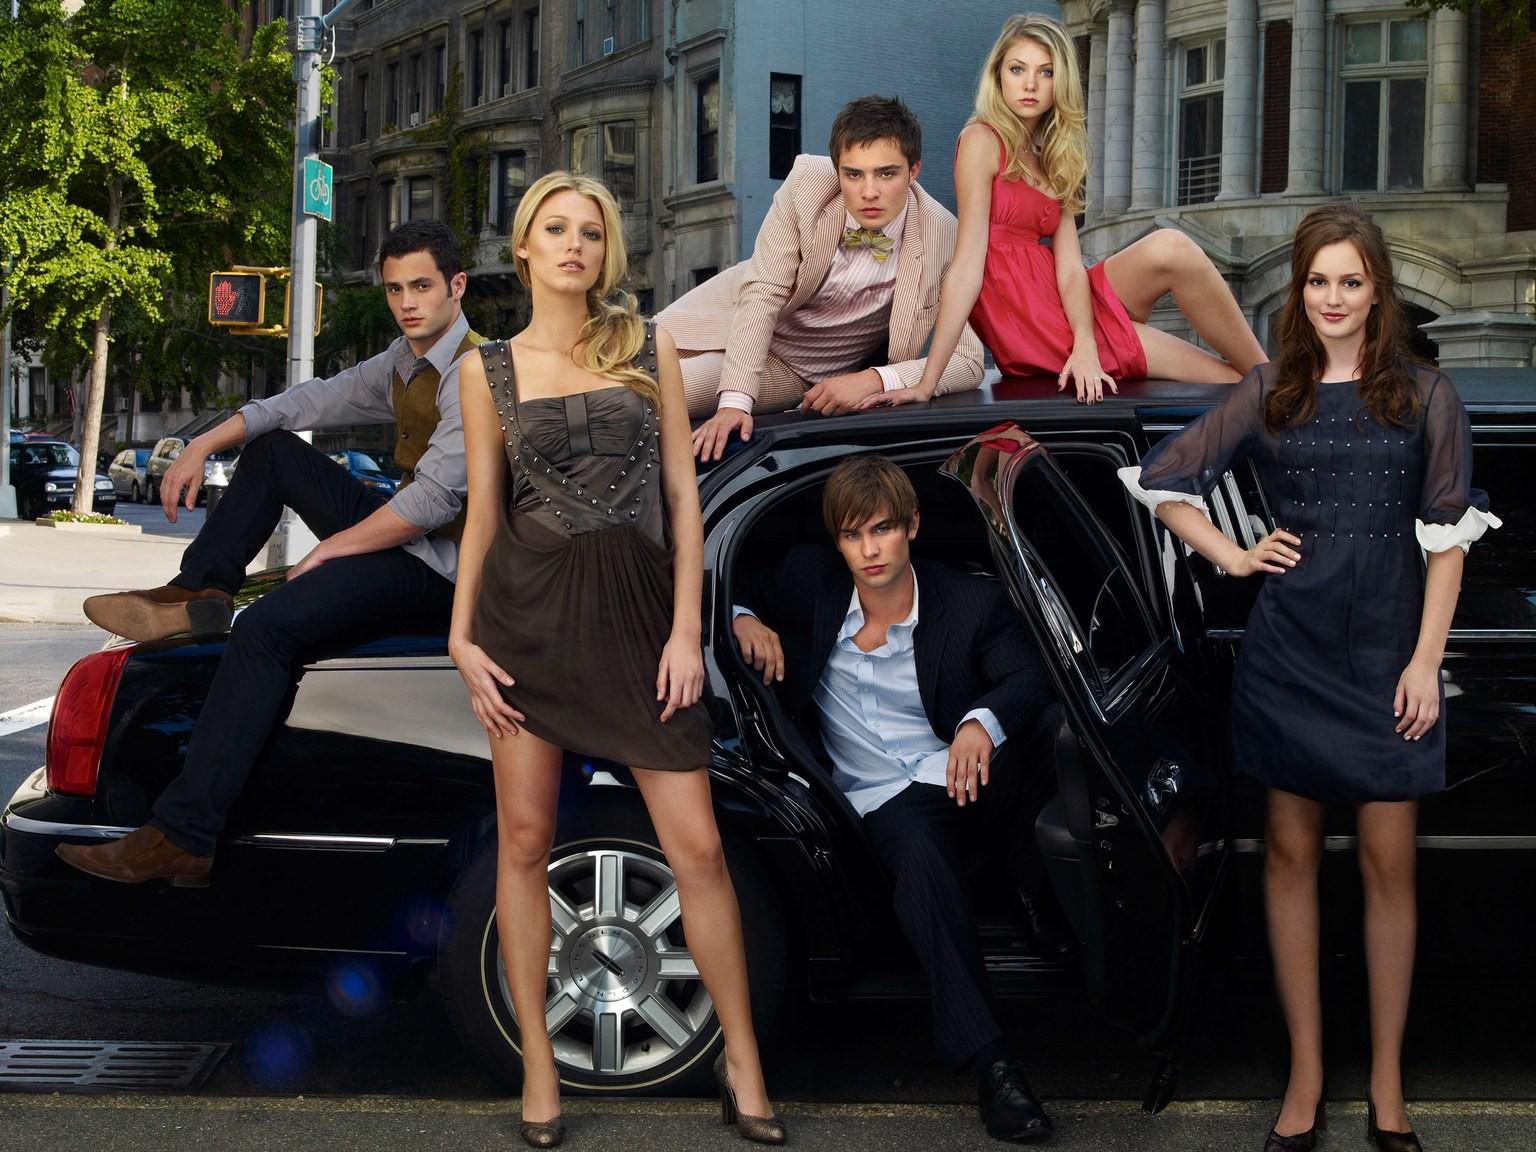 Gossip Girl sẽ trở lại với phần hậu truyện, hội bà tám thế hệ 4.0 hứa hẹn sẽ còn mồm mép hơn nữa! - Ảnh 2.